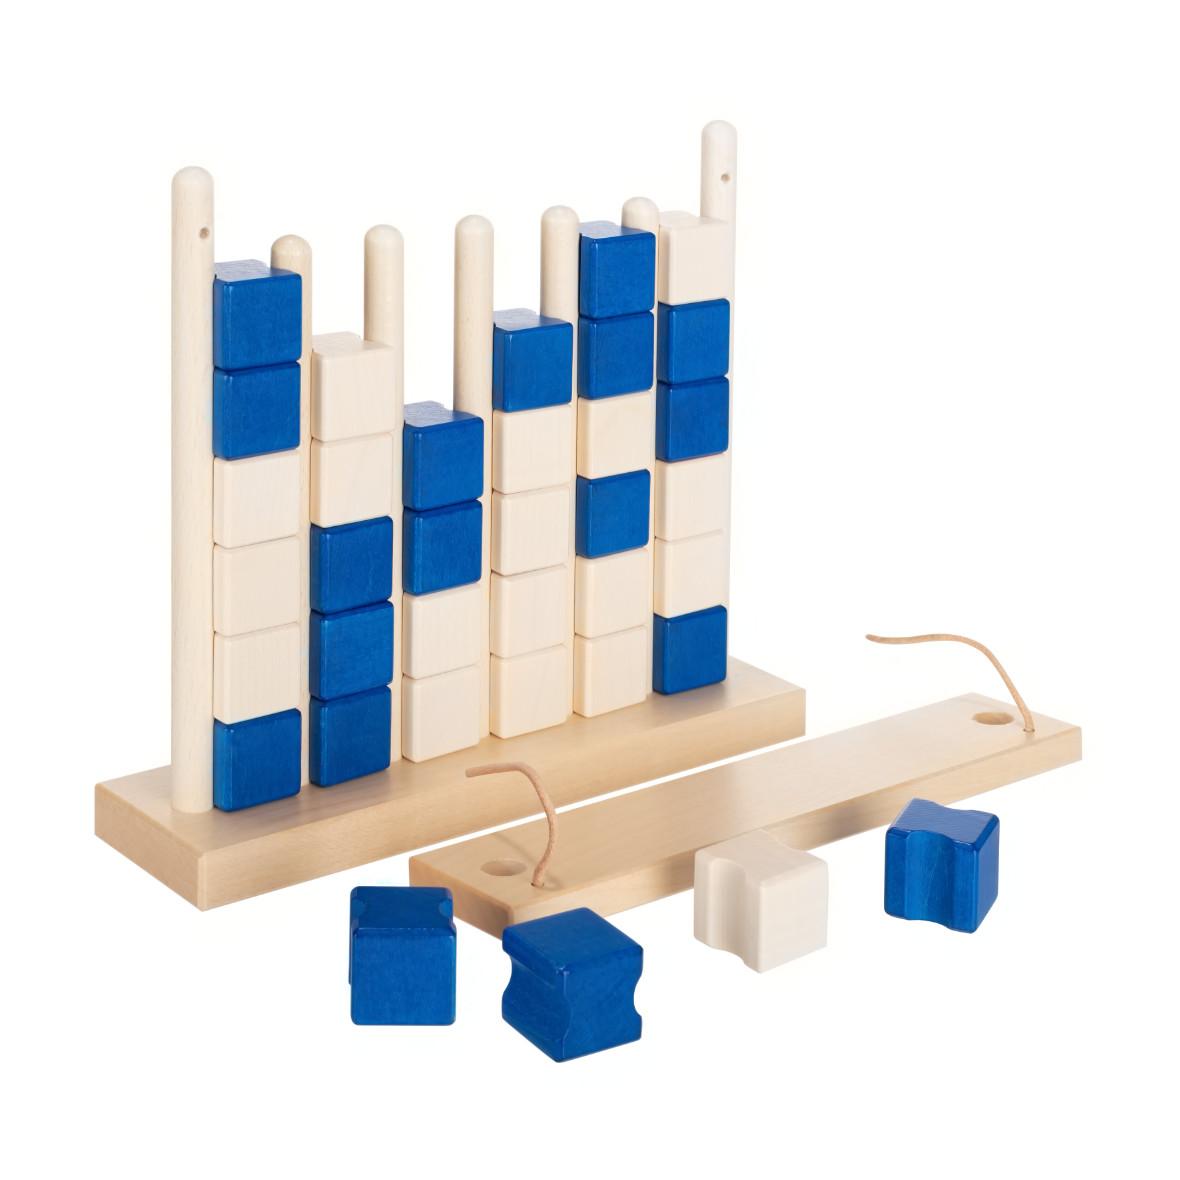 Vier-Gewinnt aus Holz von Ahorn Holz und Spiel, blau